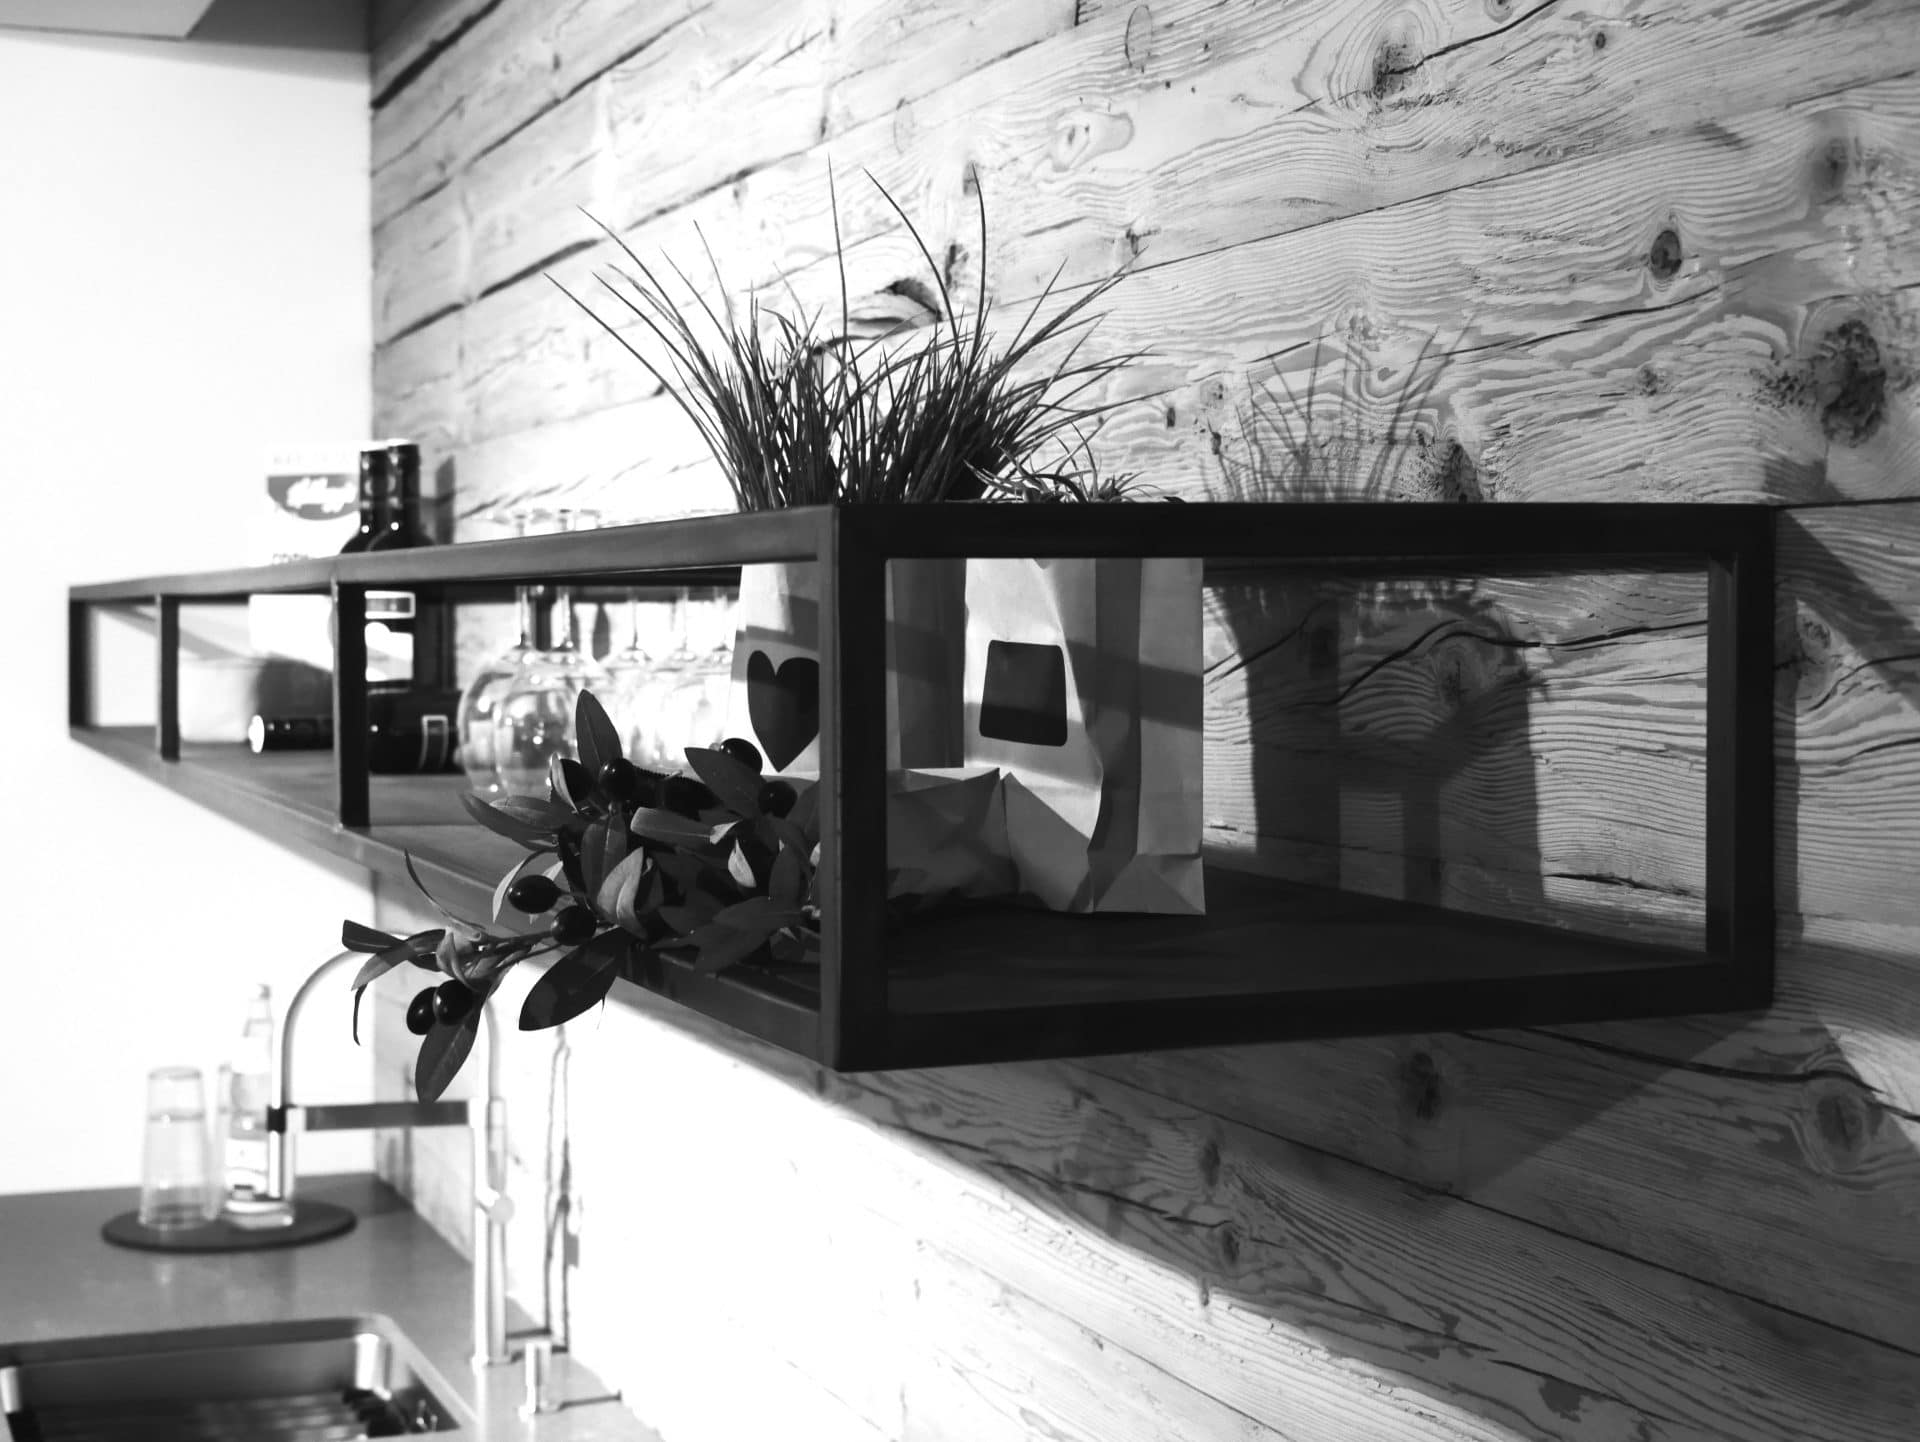 Showroom von Schreinerei und Planungsbüro VOIT in Reichertshausen, Nahaufnahme Regal mit Dekoration - Bild in schwarz-weiß